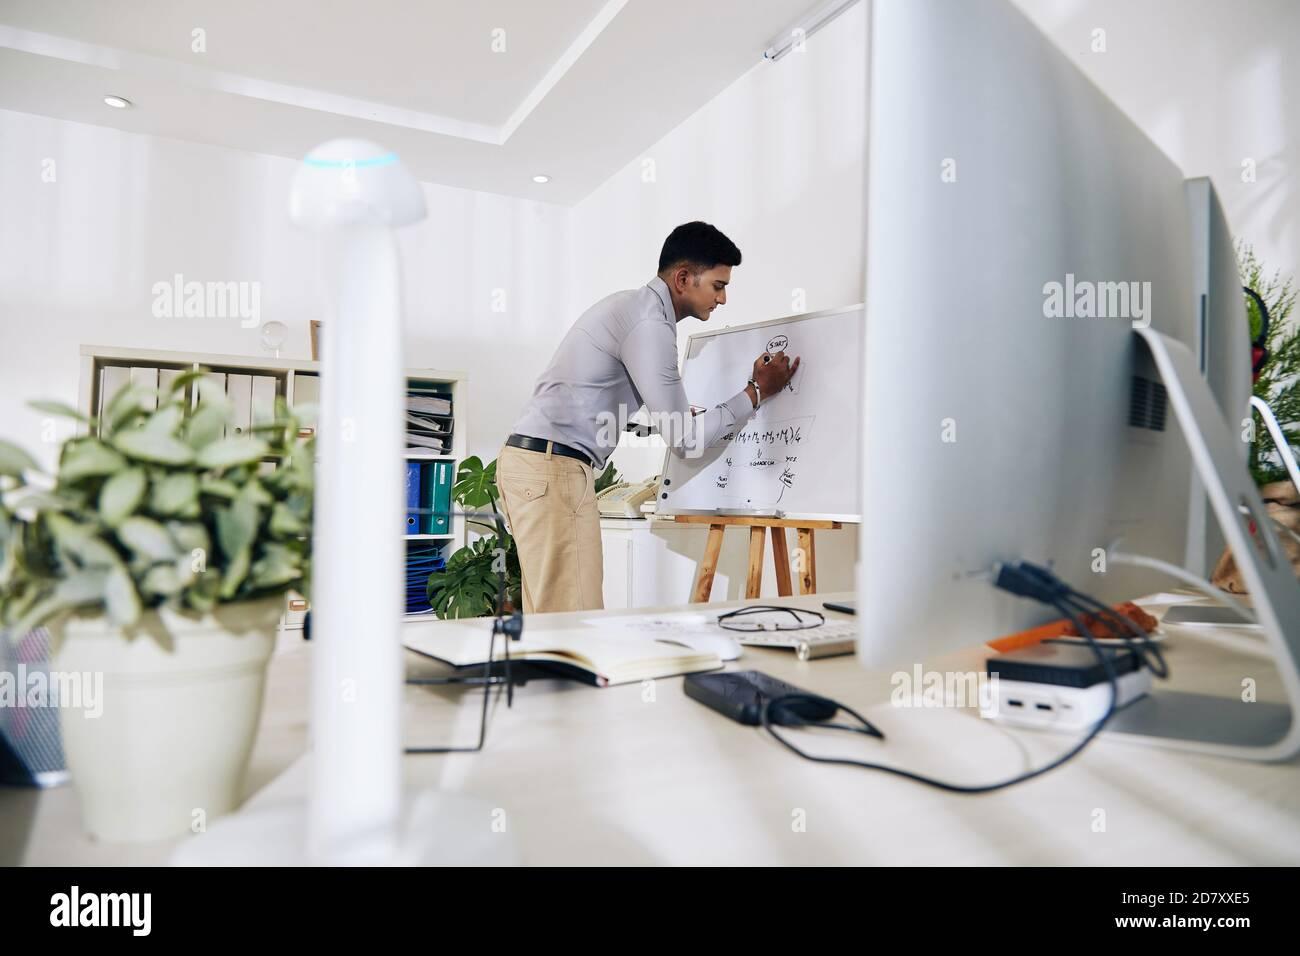 Trabajo de planificación del ingeniero de software Foto de stock